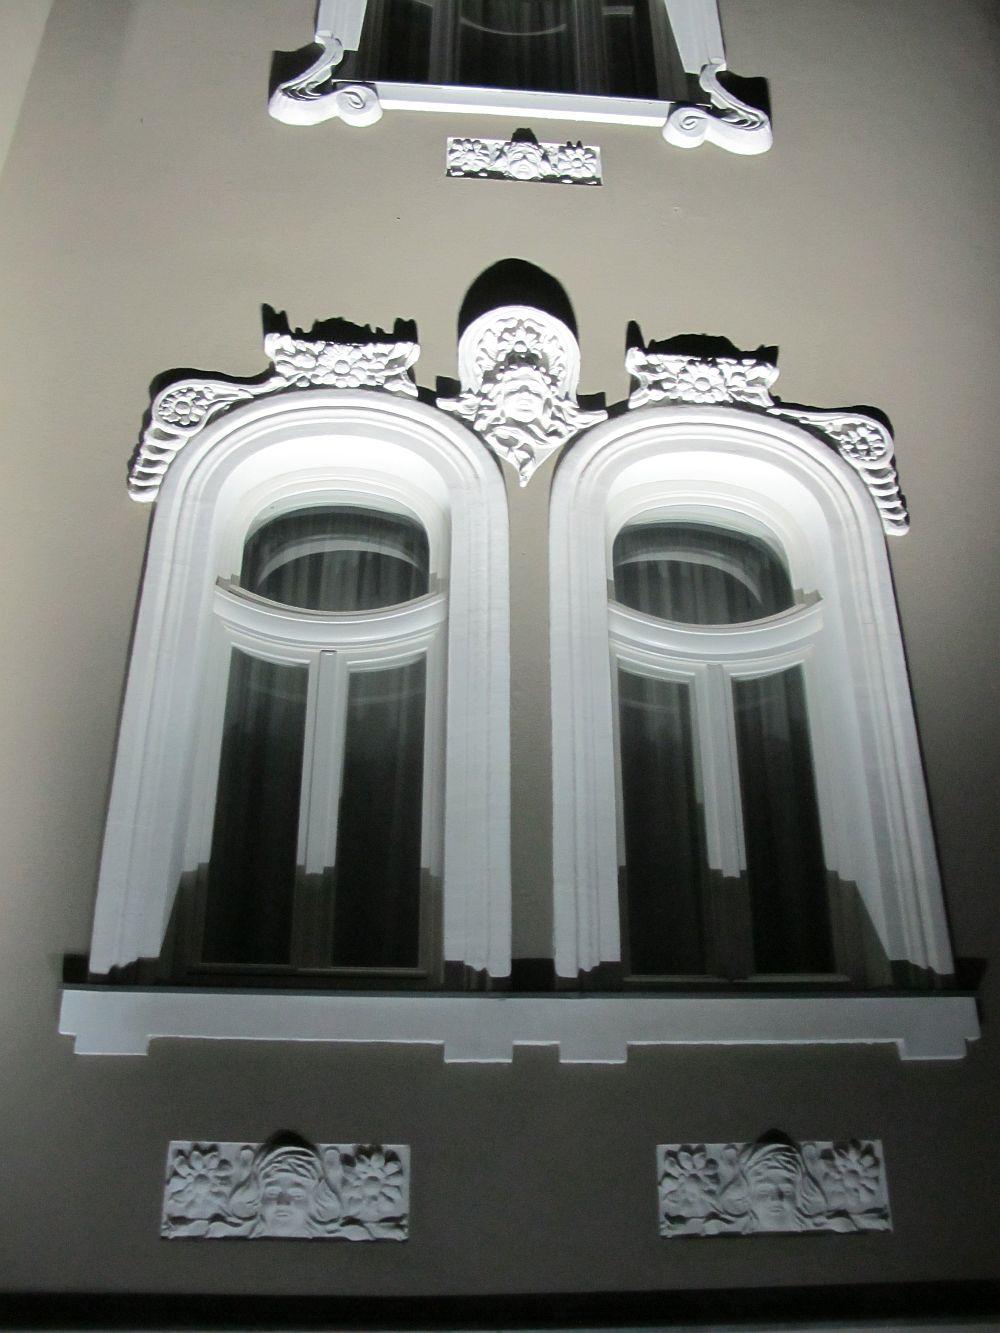 adelaparvu.com despre Hotel Privo, TgMures, Romania, architectura De3 Grup (61)